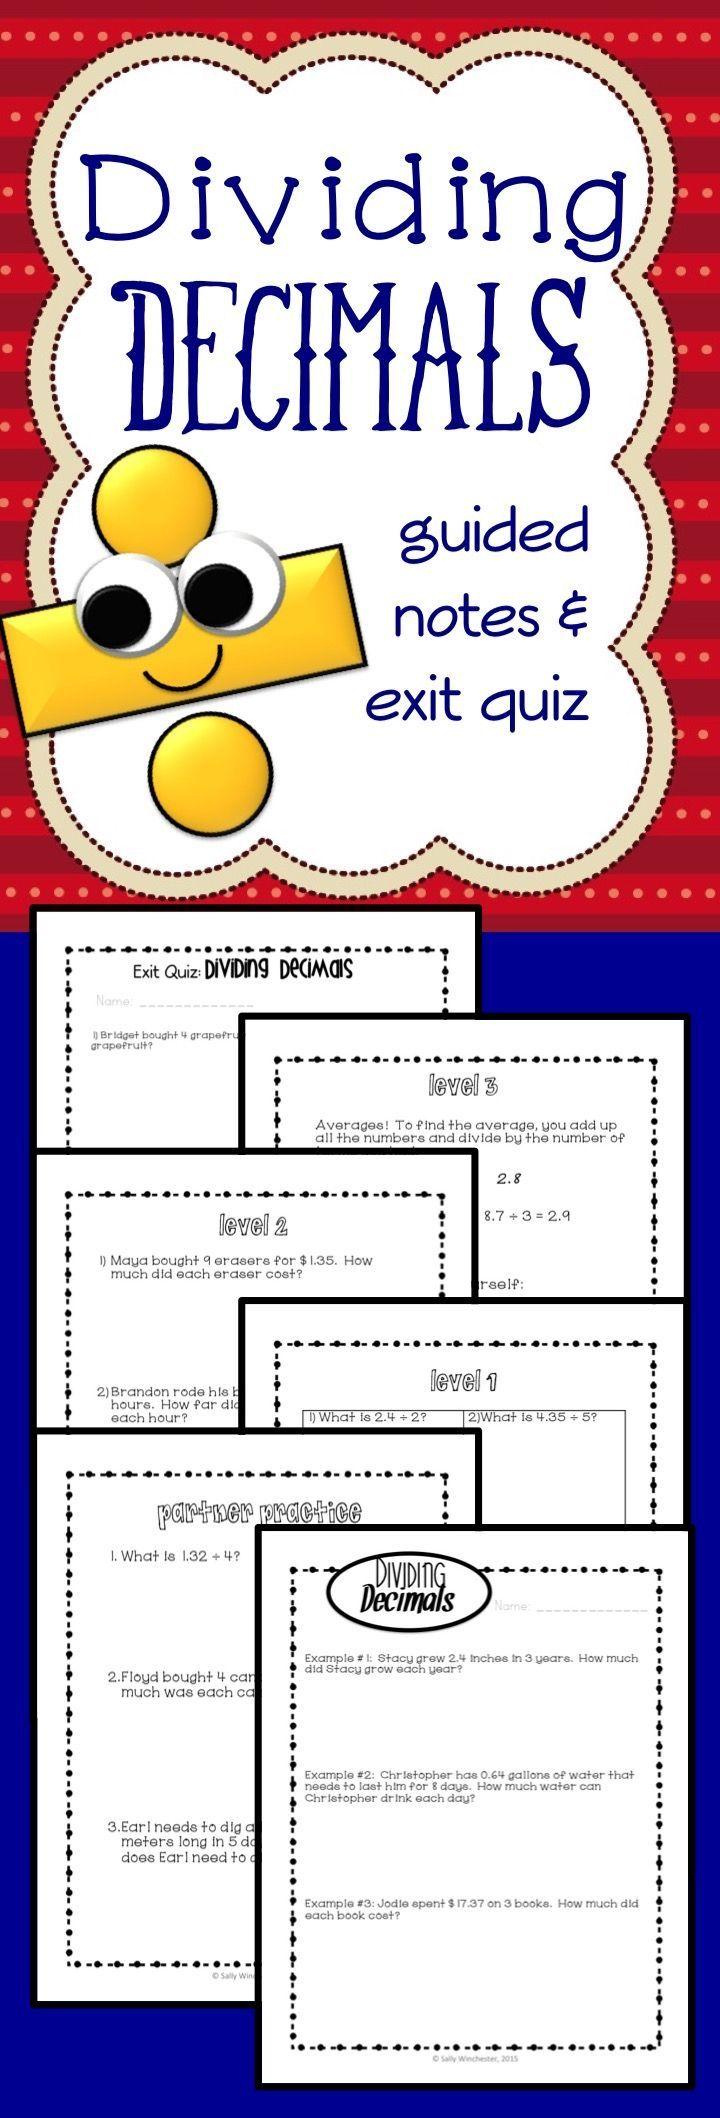 5th grade dividing decimals complete lesson packet exit quiz 5 nbt 7 educational tools. Black Bedroom Furniture Sets. Home Design Ideas